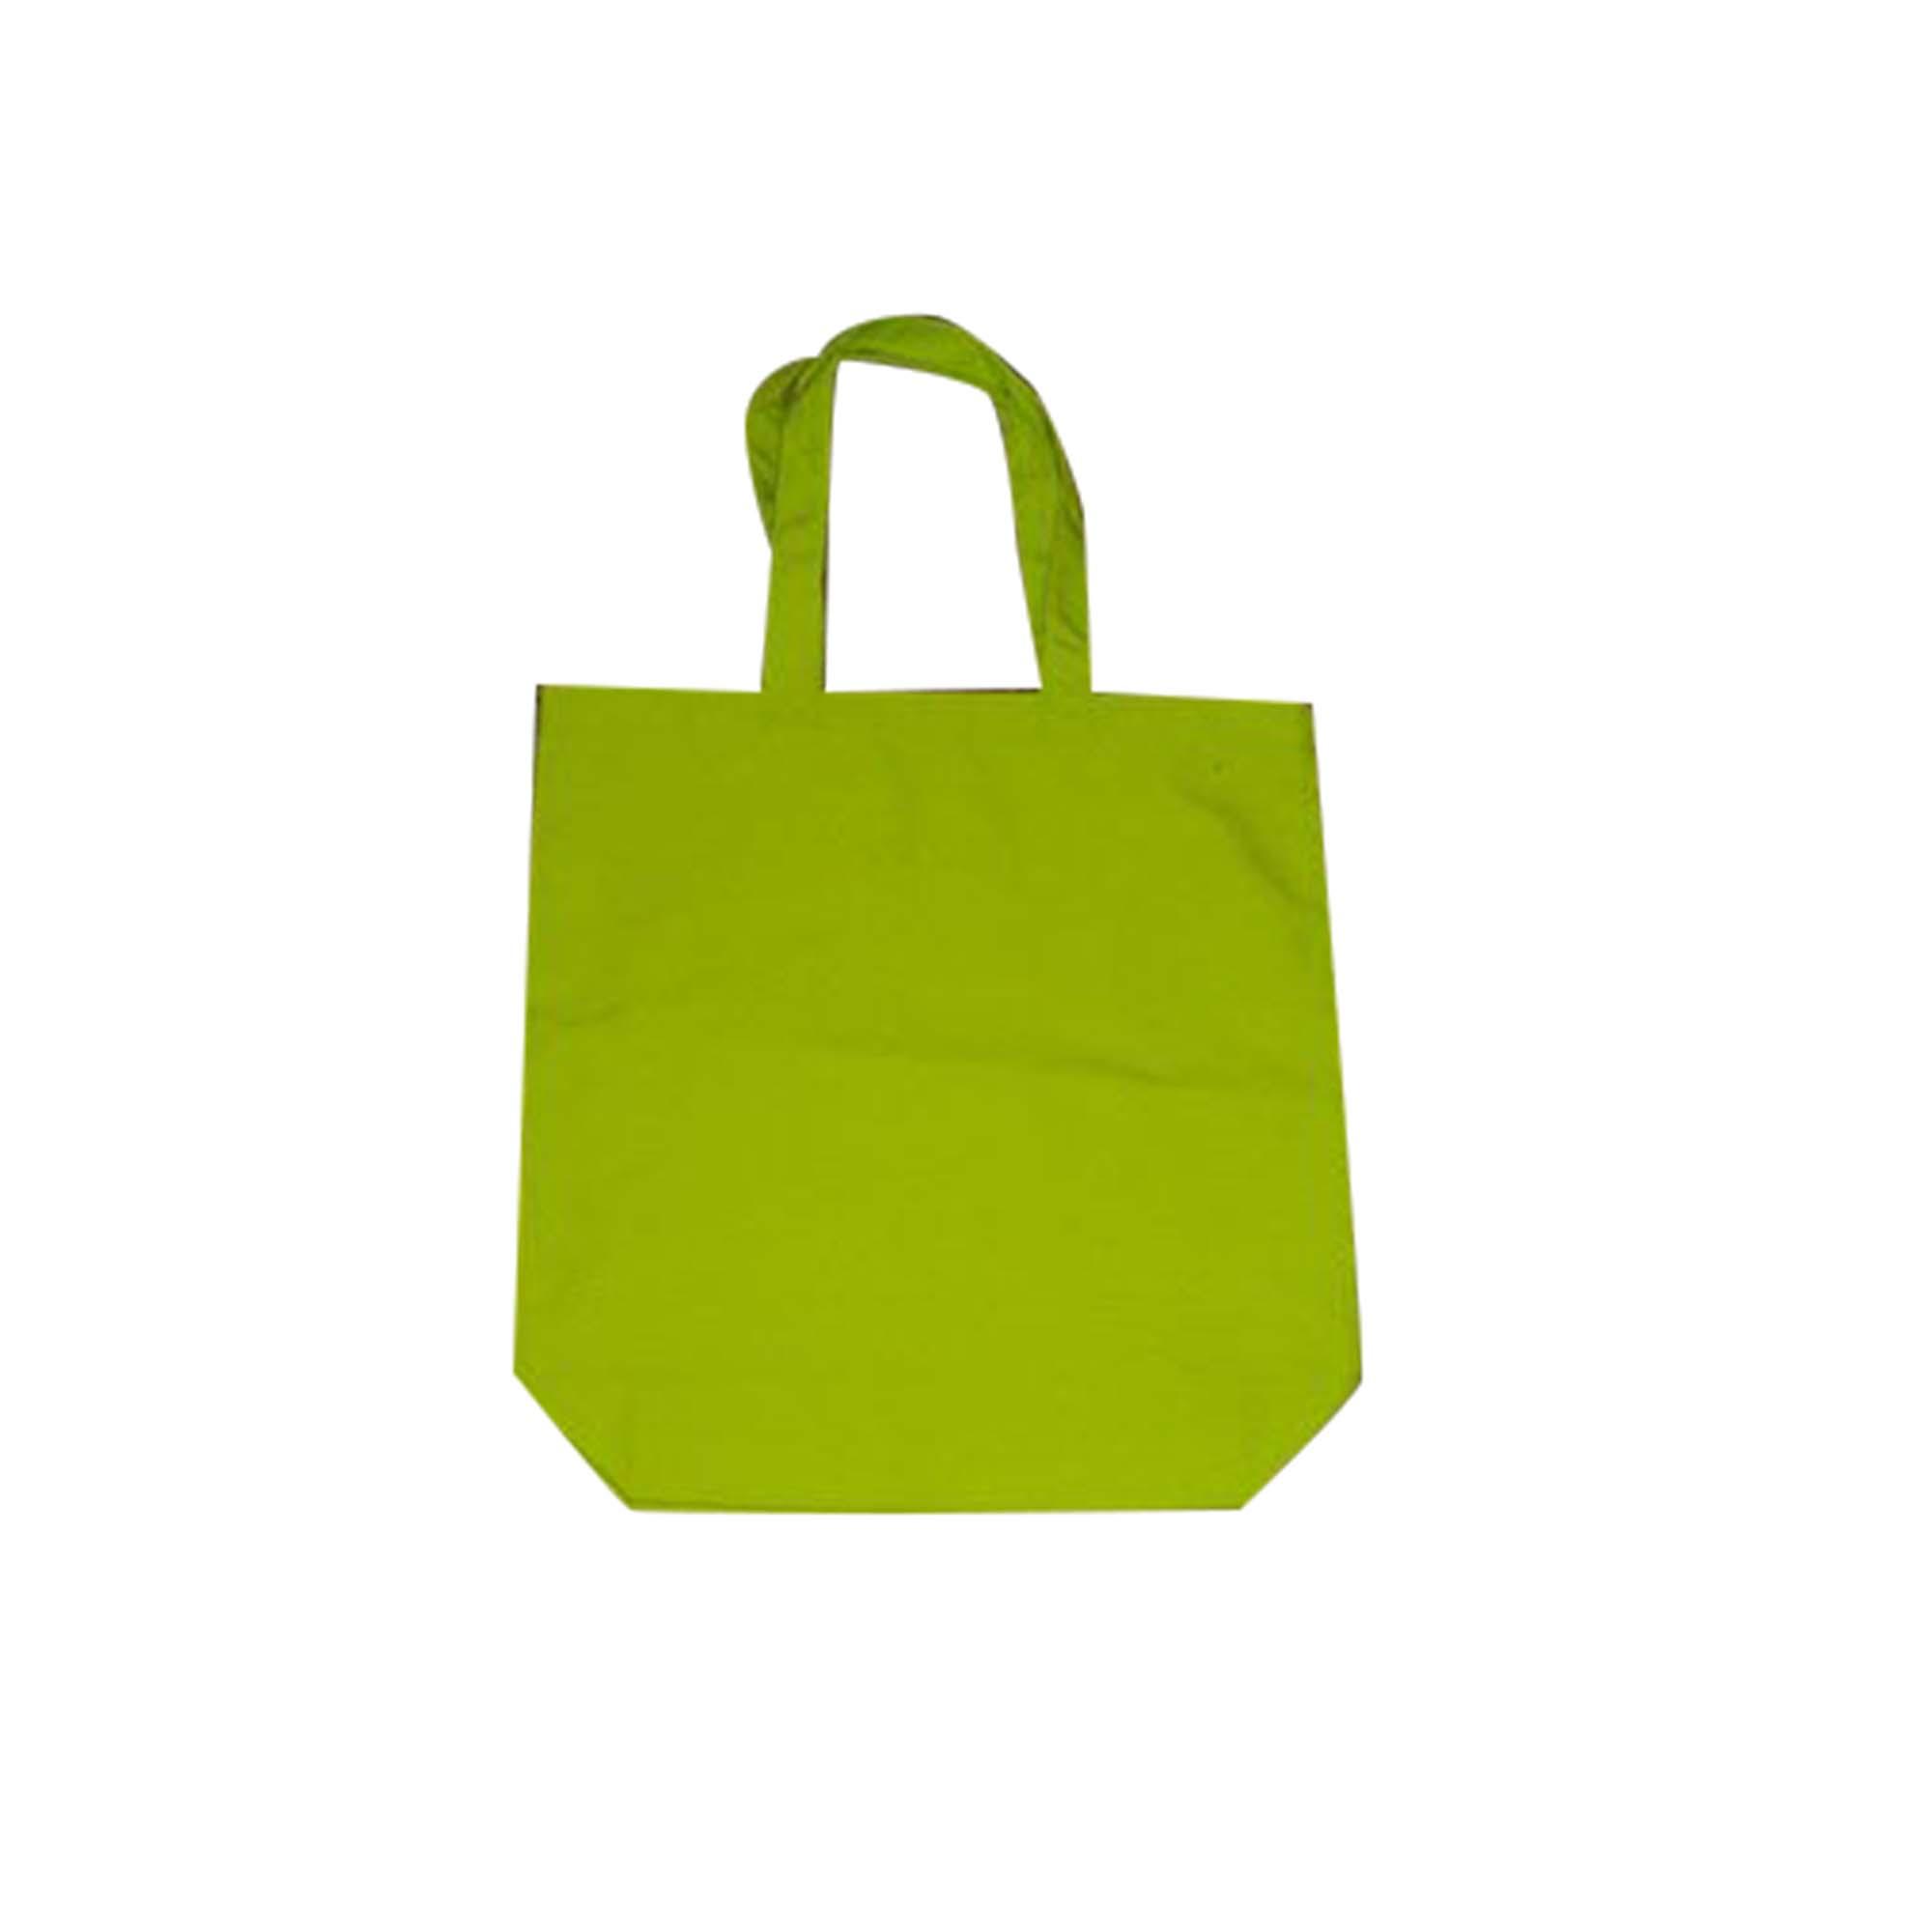 TOTE bag ( 11N/HH)